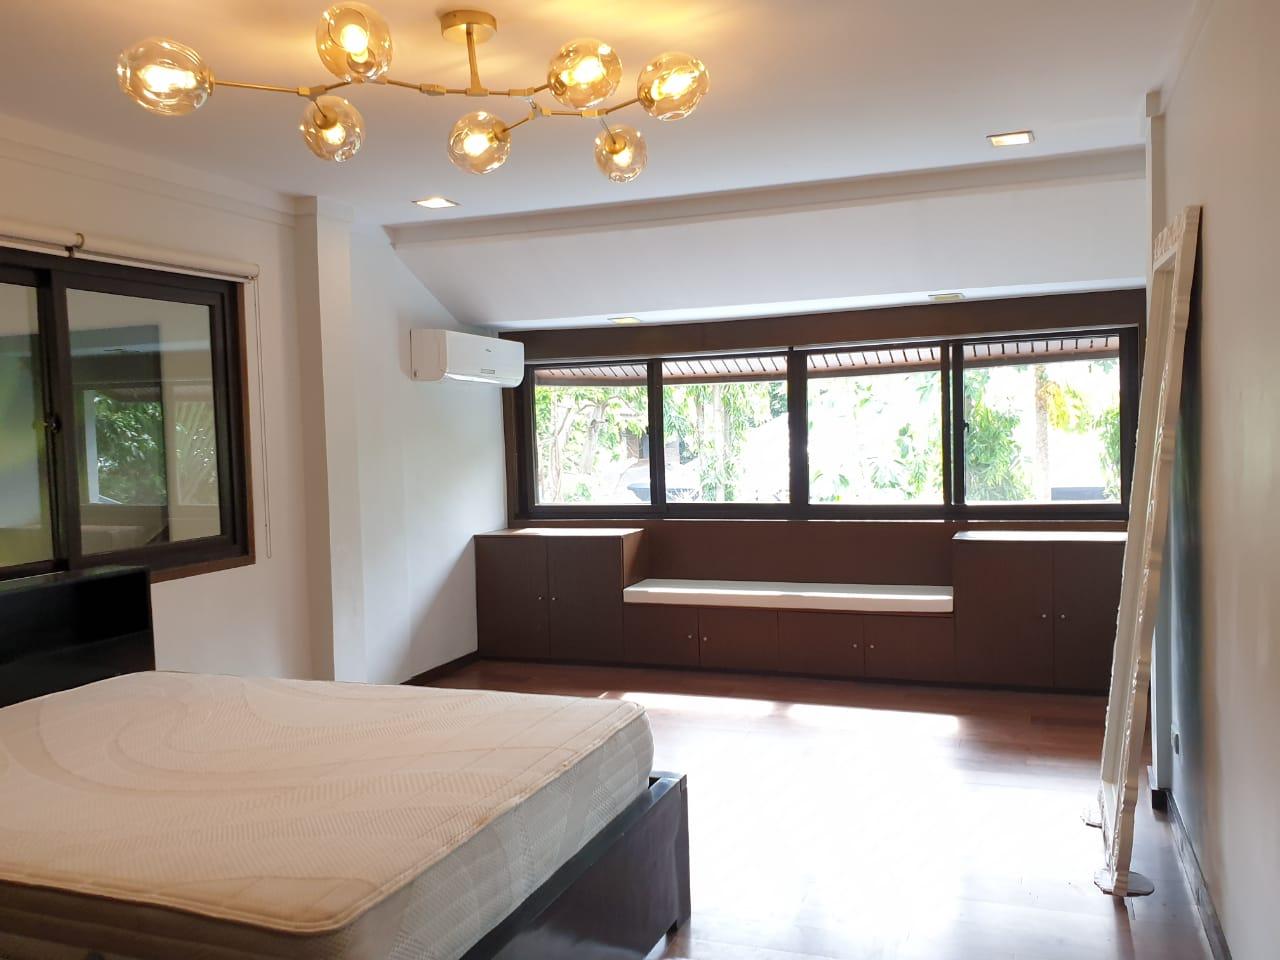 3BR Condo For Sale, Le Metropole Condominium, Makati City 4